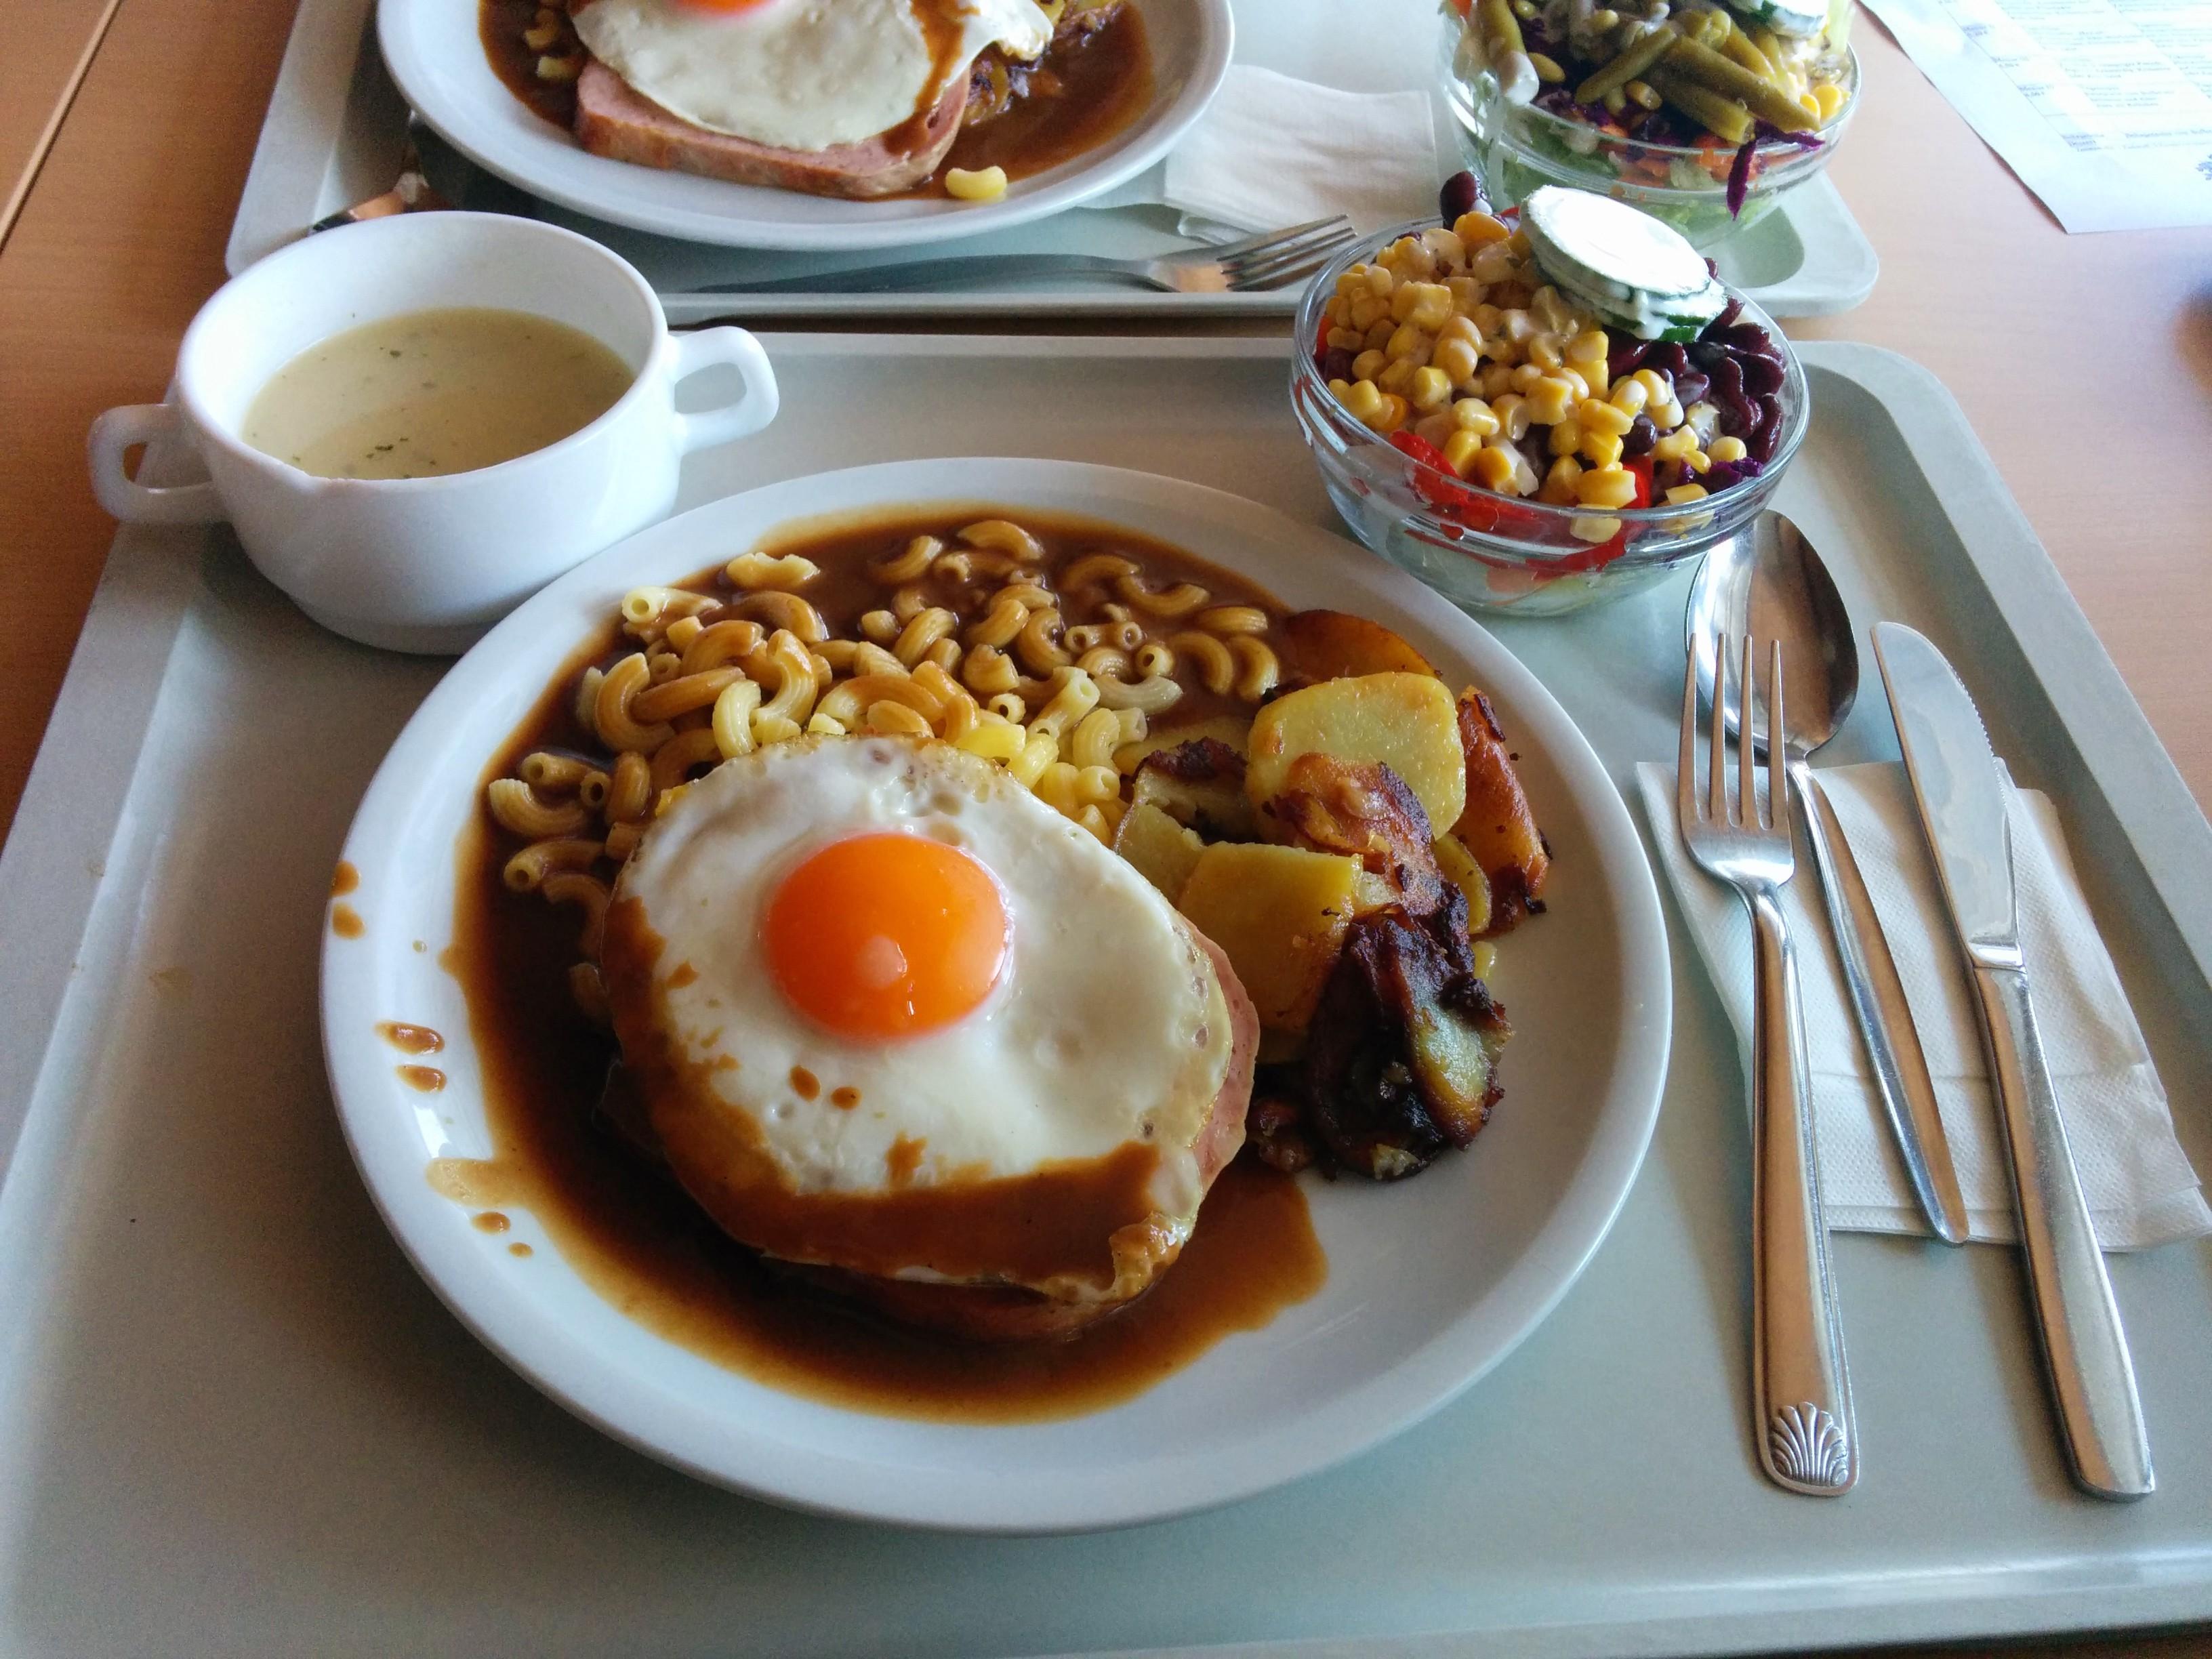 https://foodloader.net/nico_2014-03-28_fleischkaese-mit-bratkartoffeln-nudeln-spiegelei-suppe-und-salat.jpg